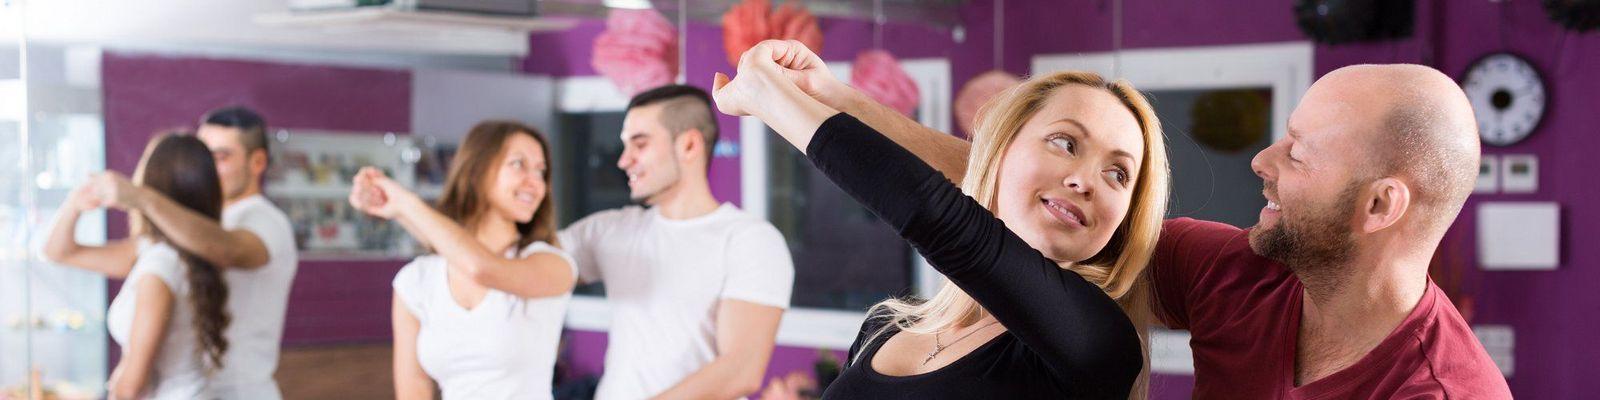 Tanzschule Wiesbaden » Tanzen lernen in Tanzkurs • com